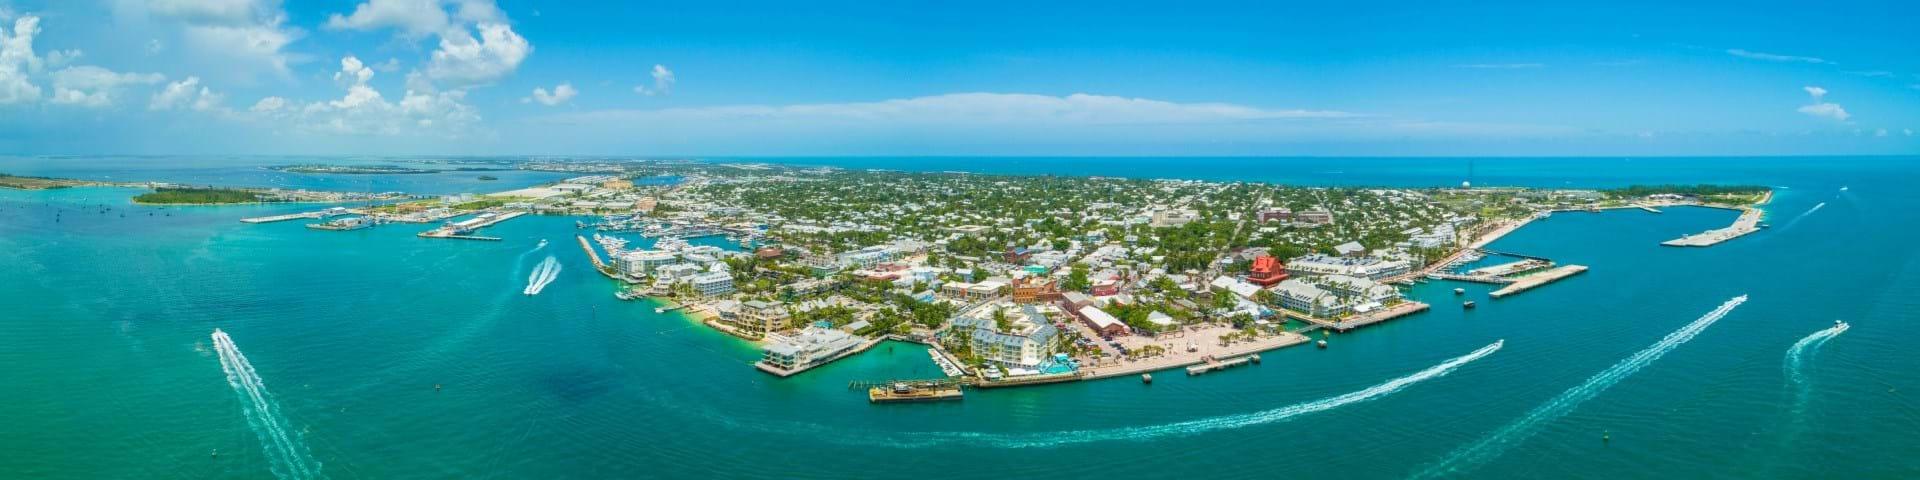 Key West Day Trips